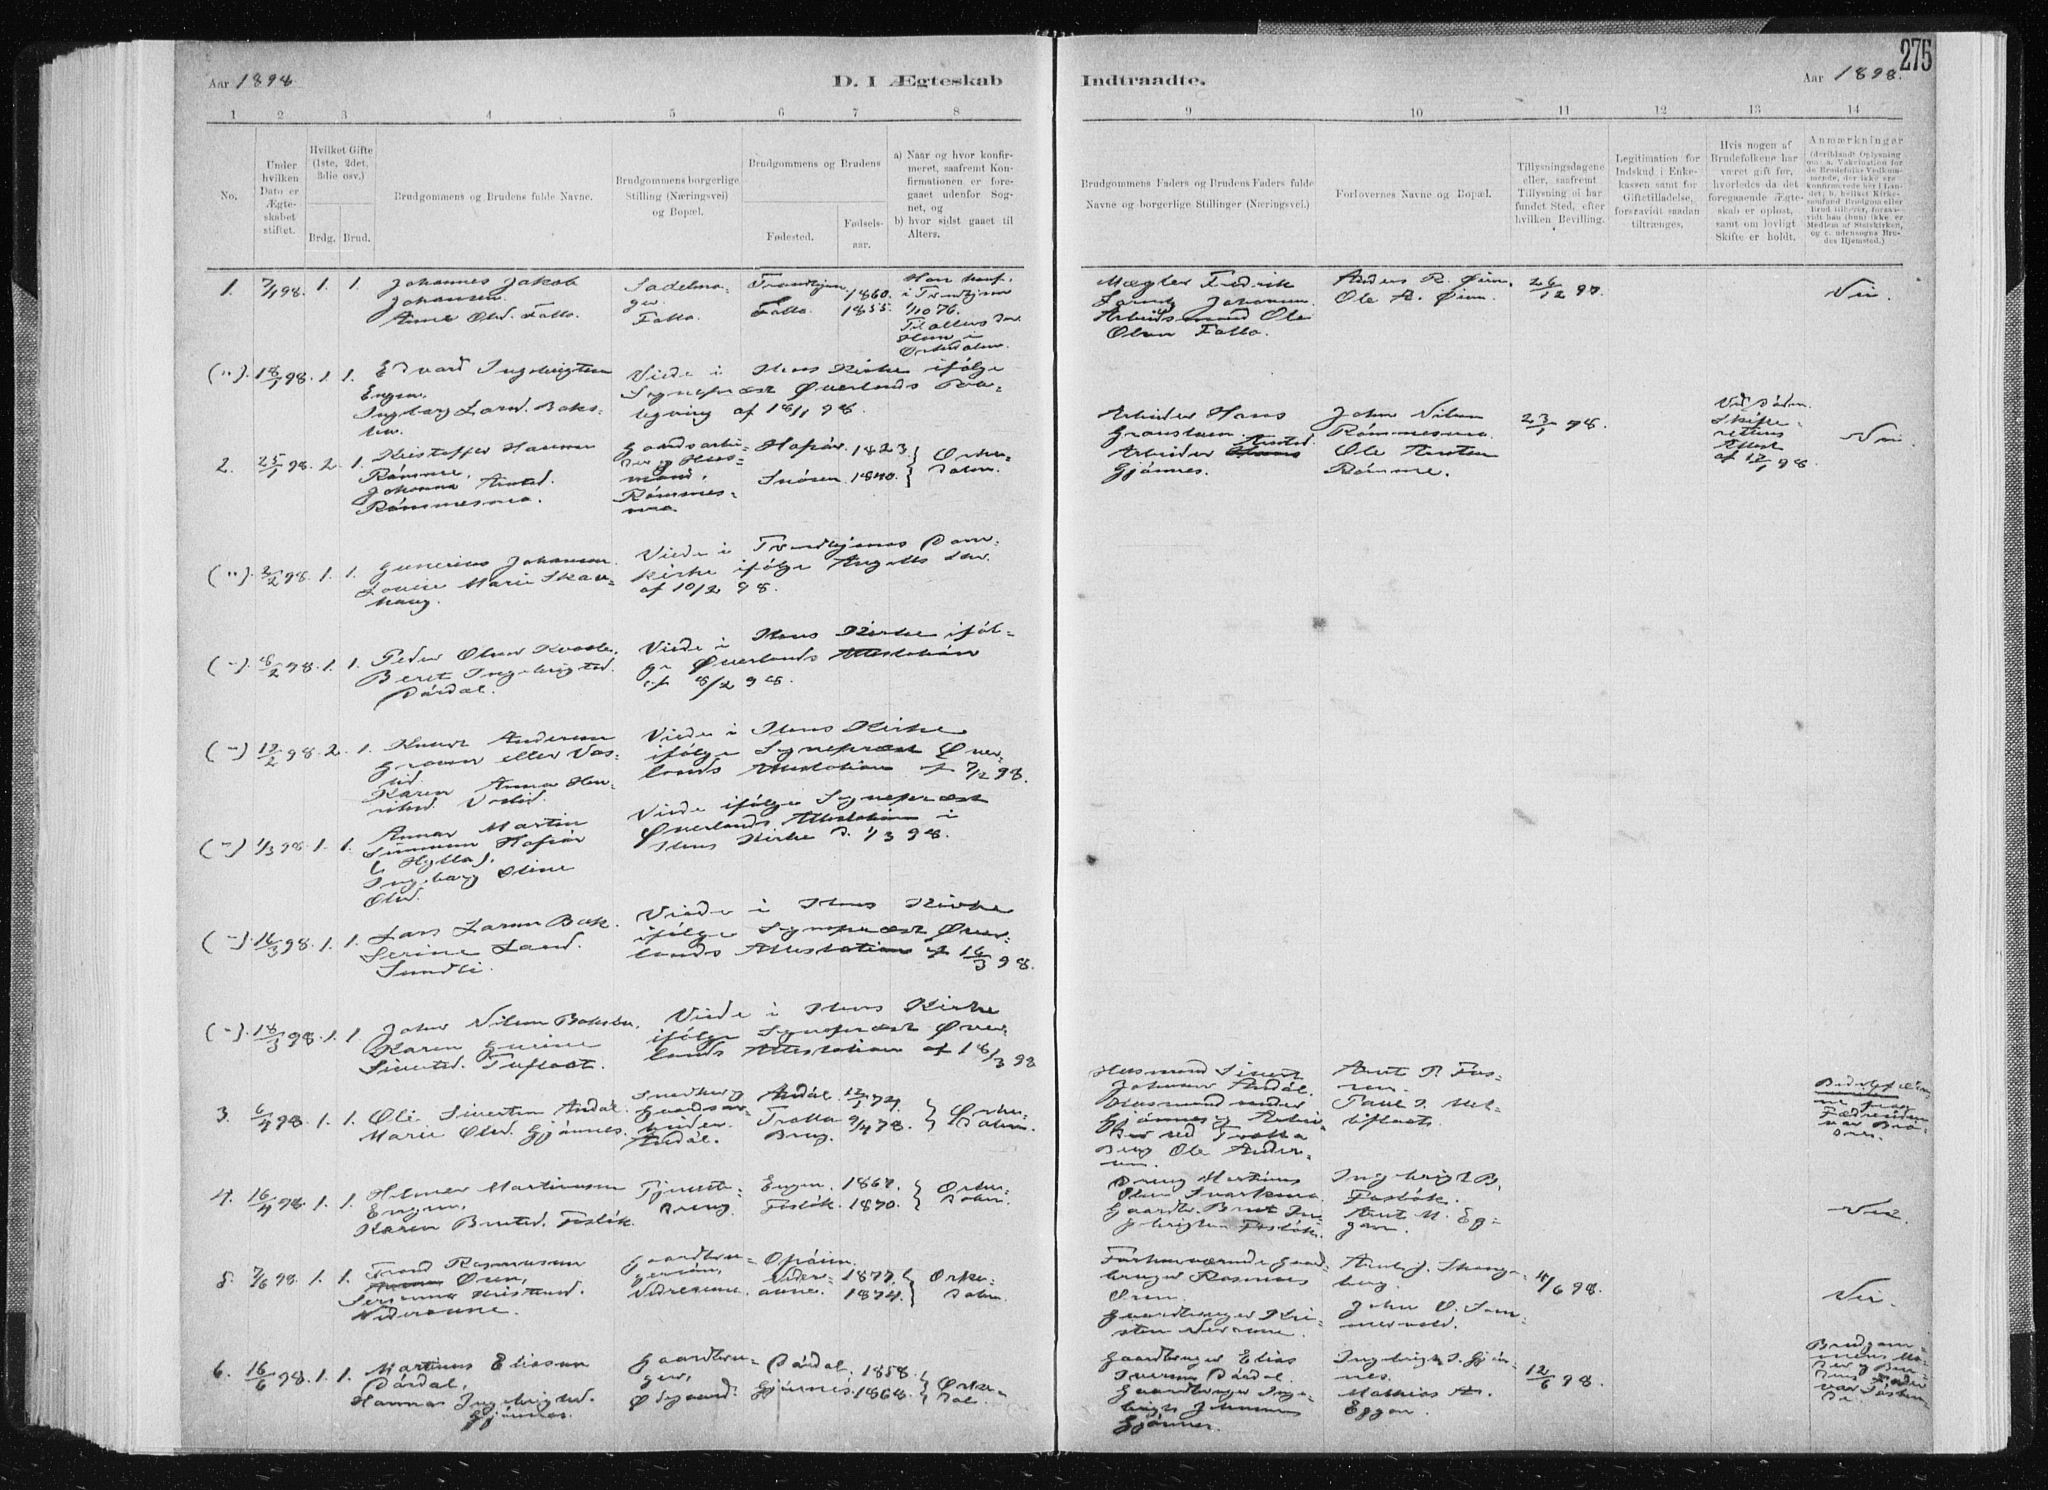 SAT, Ministerialprotokoller, klokkerbøker og fødselsregistre - Sør-Trøndelag, 668/L0818: Klokkerbok nr. 668C07, 1885-1898, s. 275